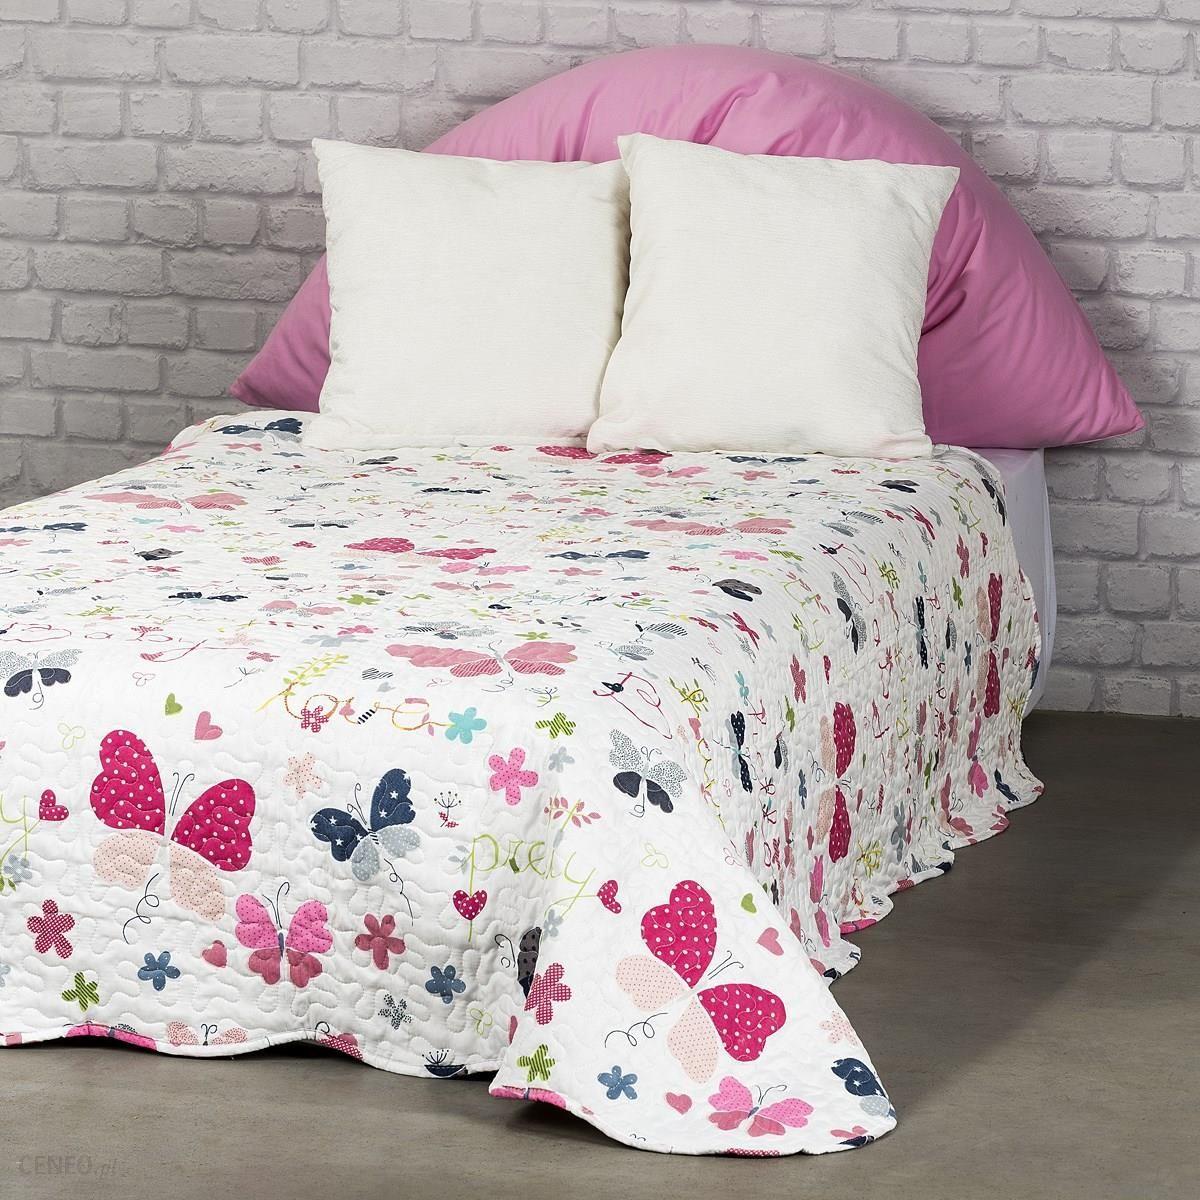 4home Narzuta Na łóżko Dla Dzieci Butterfly 140x200 Cm Ceny I